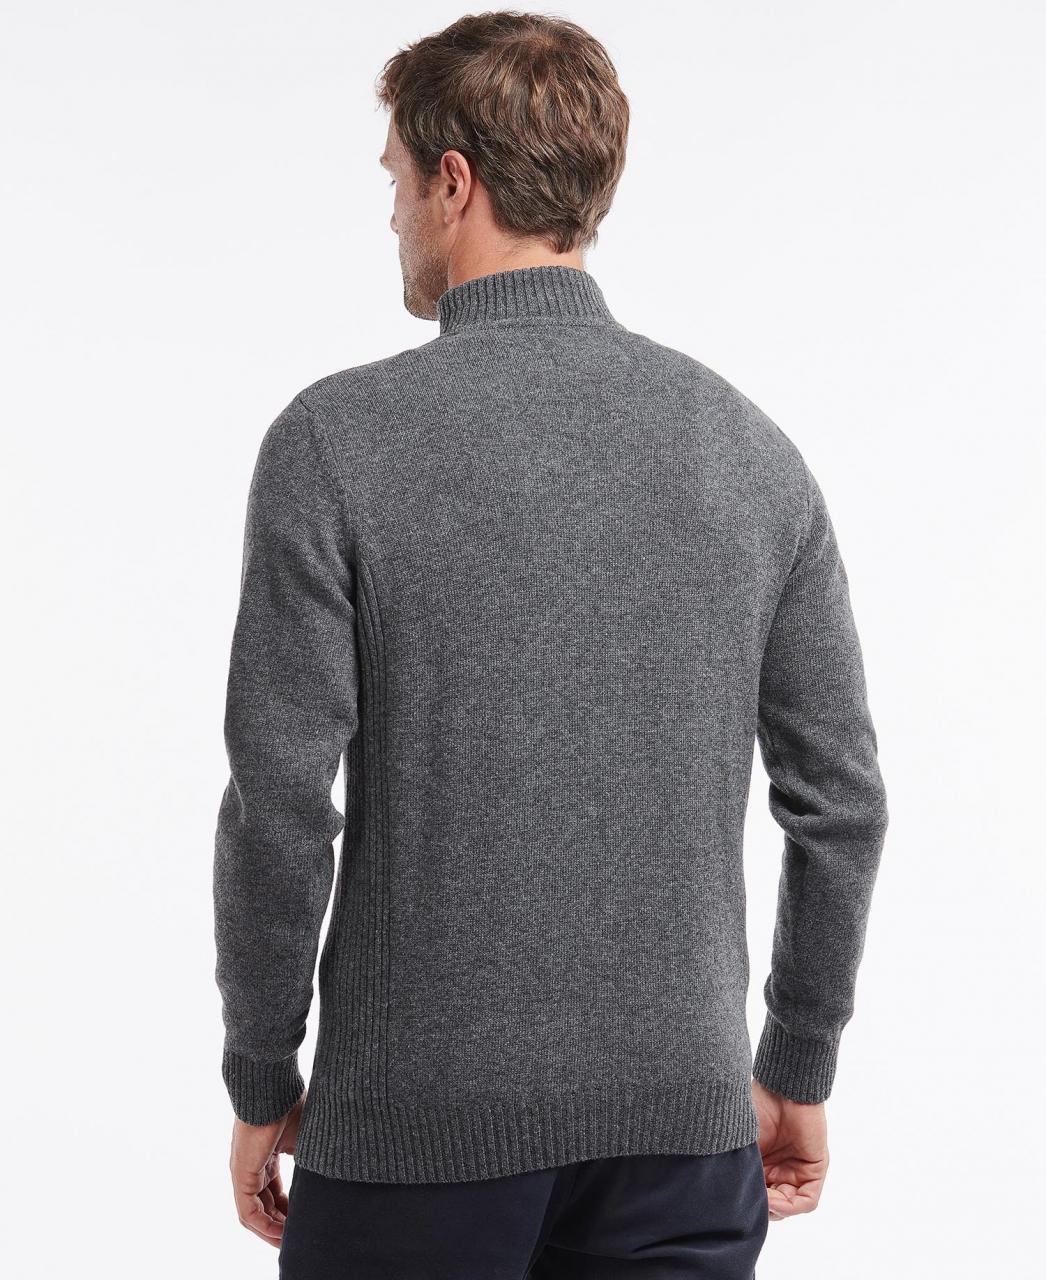 Barbour Nelson Essential Half Zip - storm grey